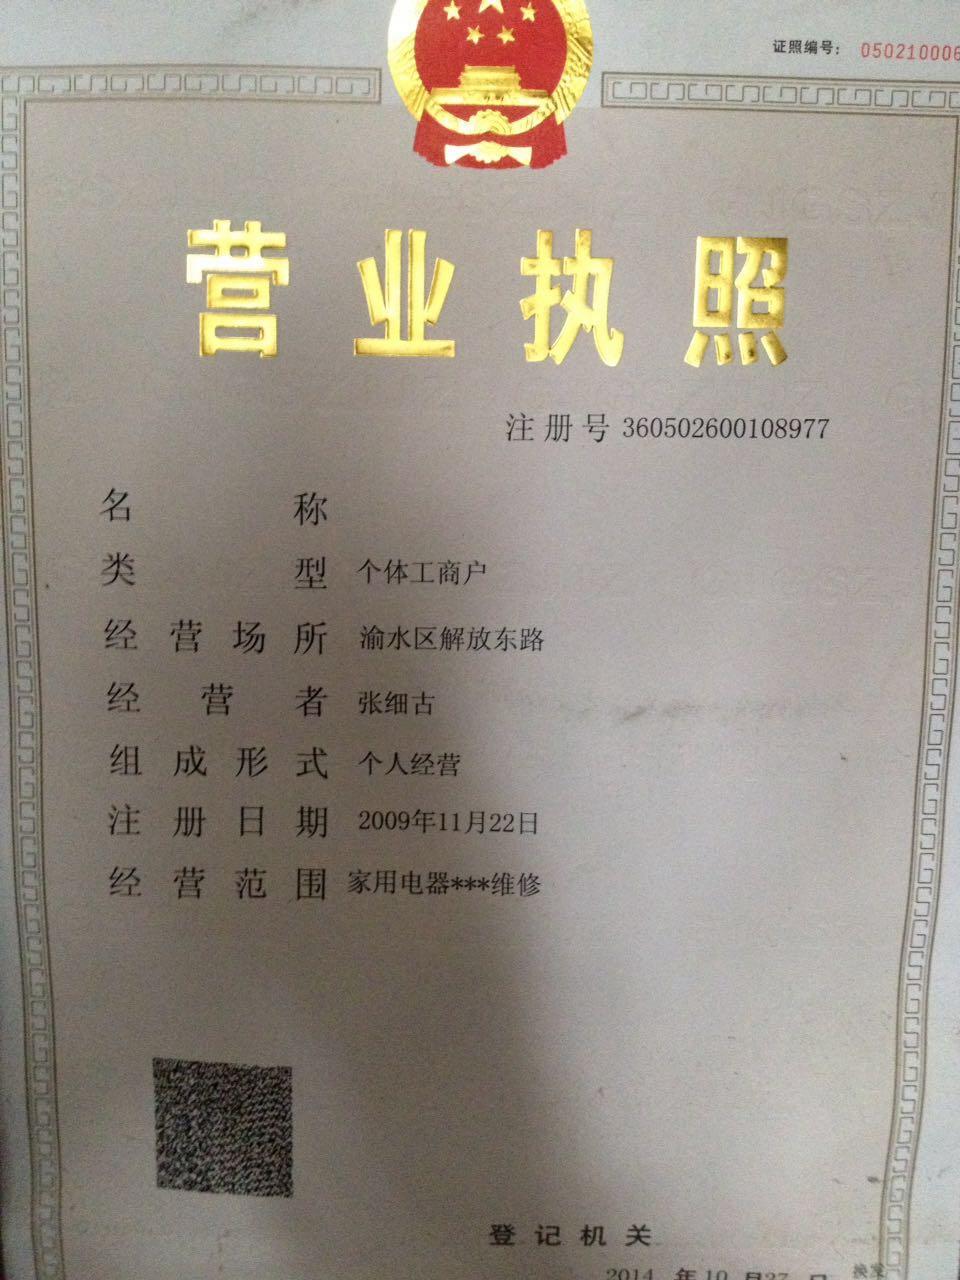 新余赣西电器维修公司